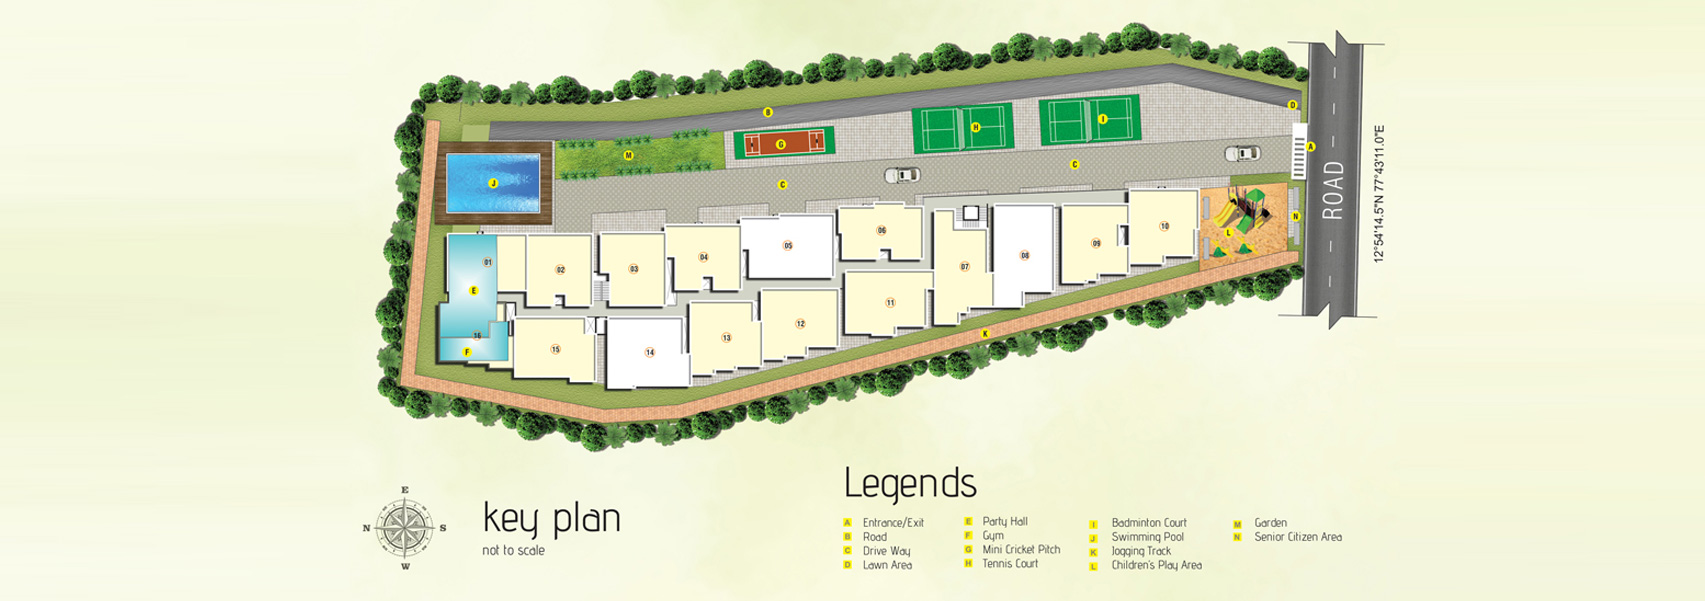 abhee nakshatra project master plan image1